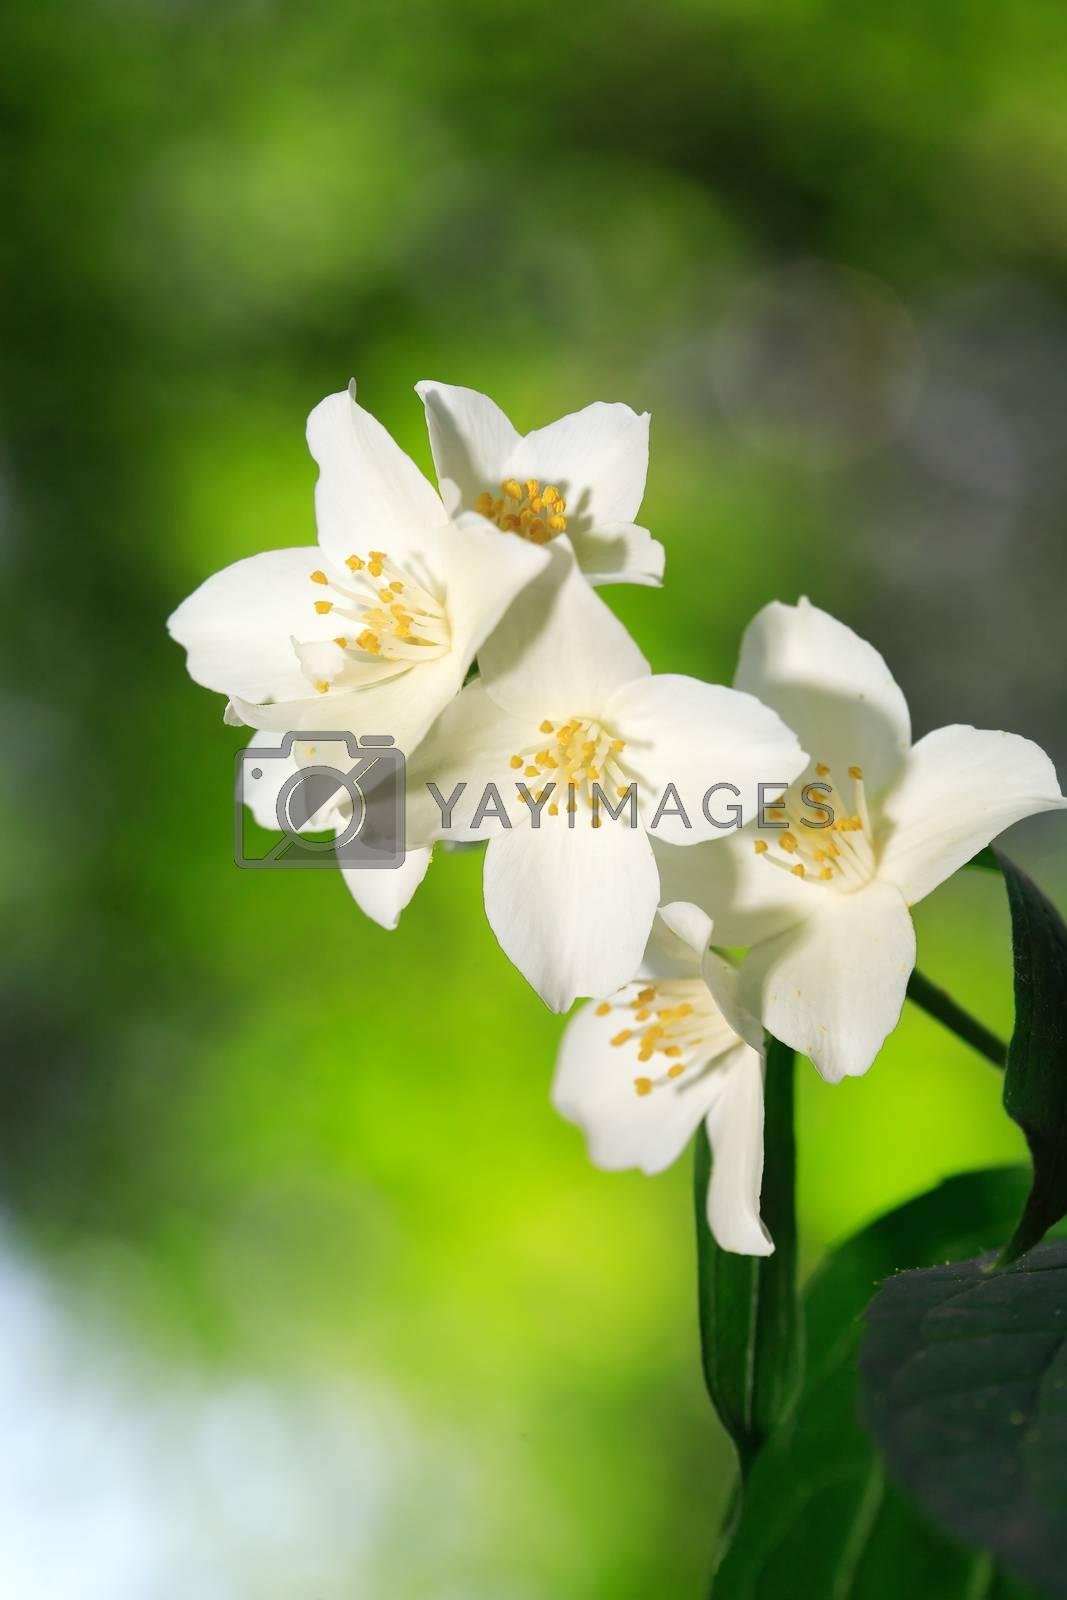 Jasmine Blossoming by kvkirillov